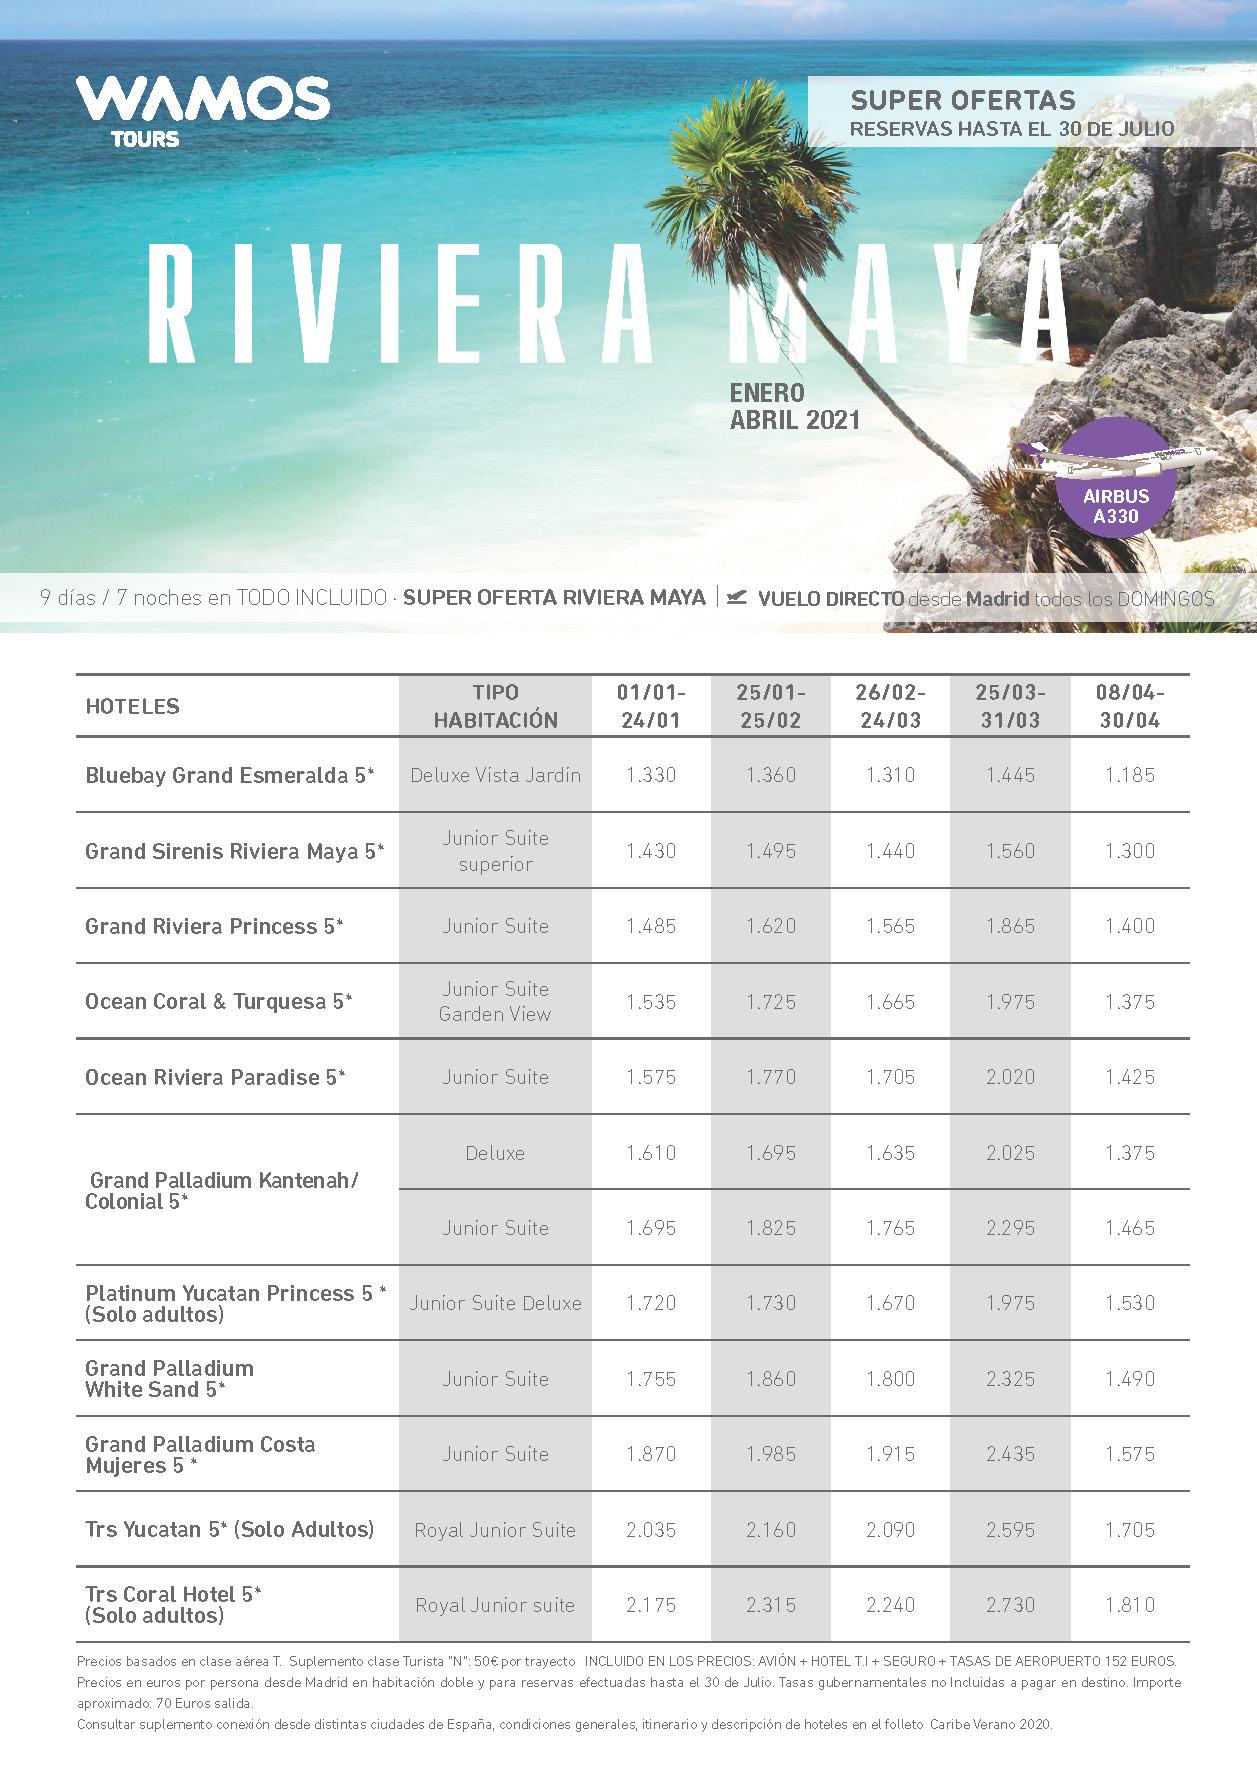 Oferta Wamos Tours Riviera Maya Todo Incluido Enero-Abril 2021 salidas vuelo directos desde Madrid